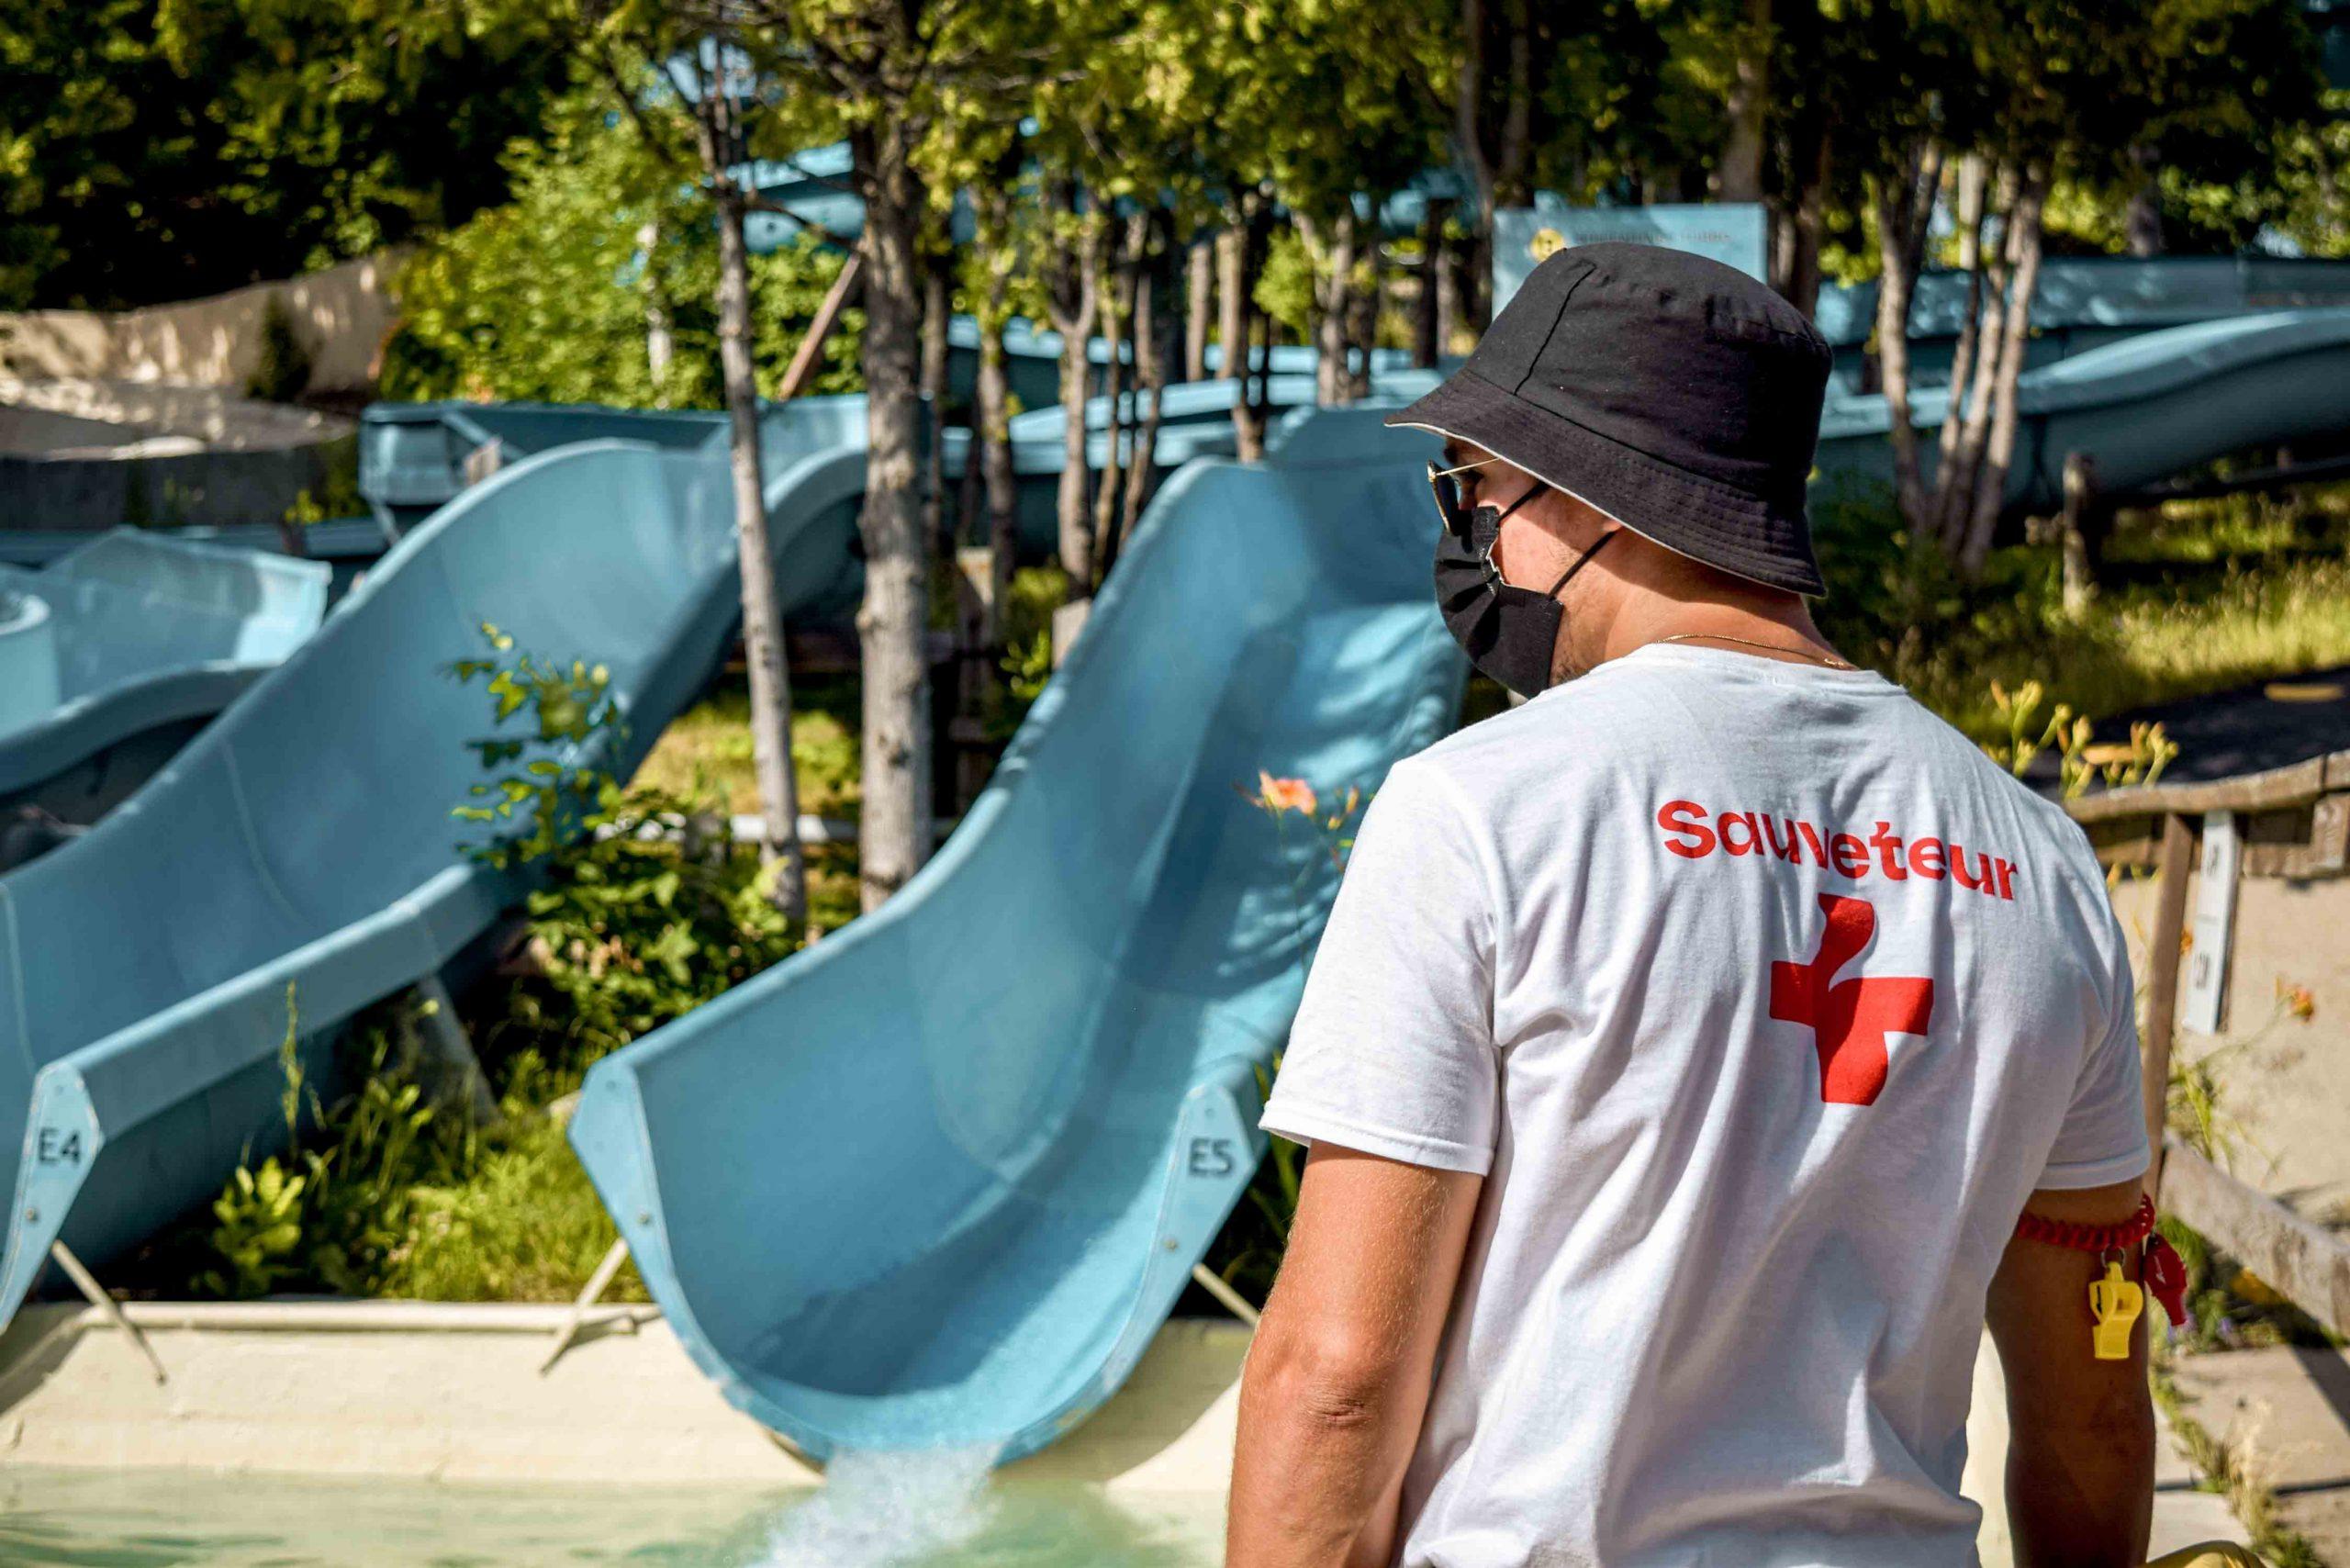 Sauveteur devant glissades bleues, les Twisters et arbres